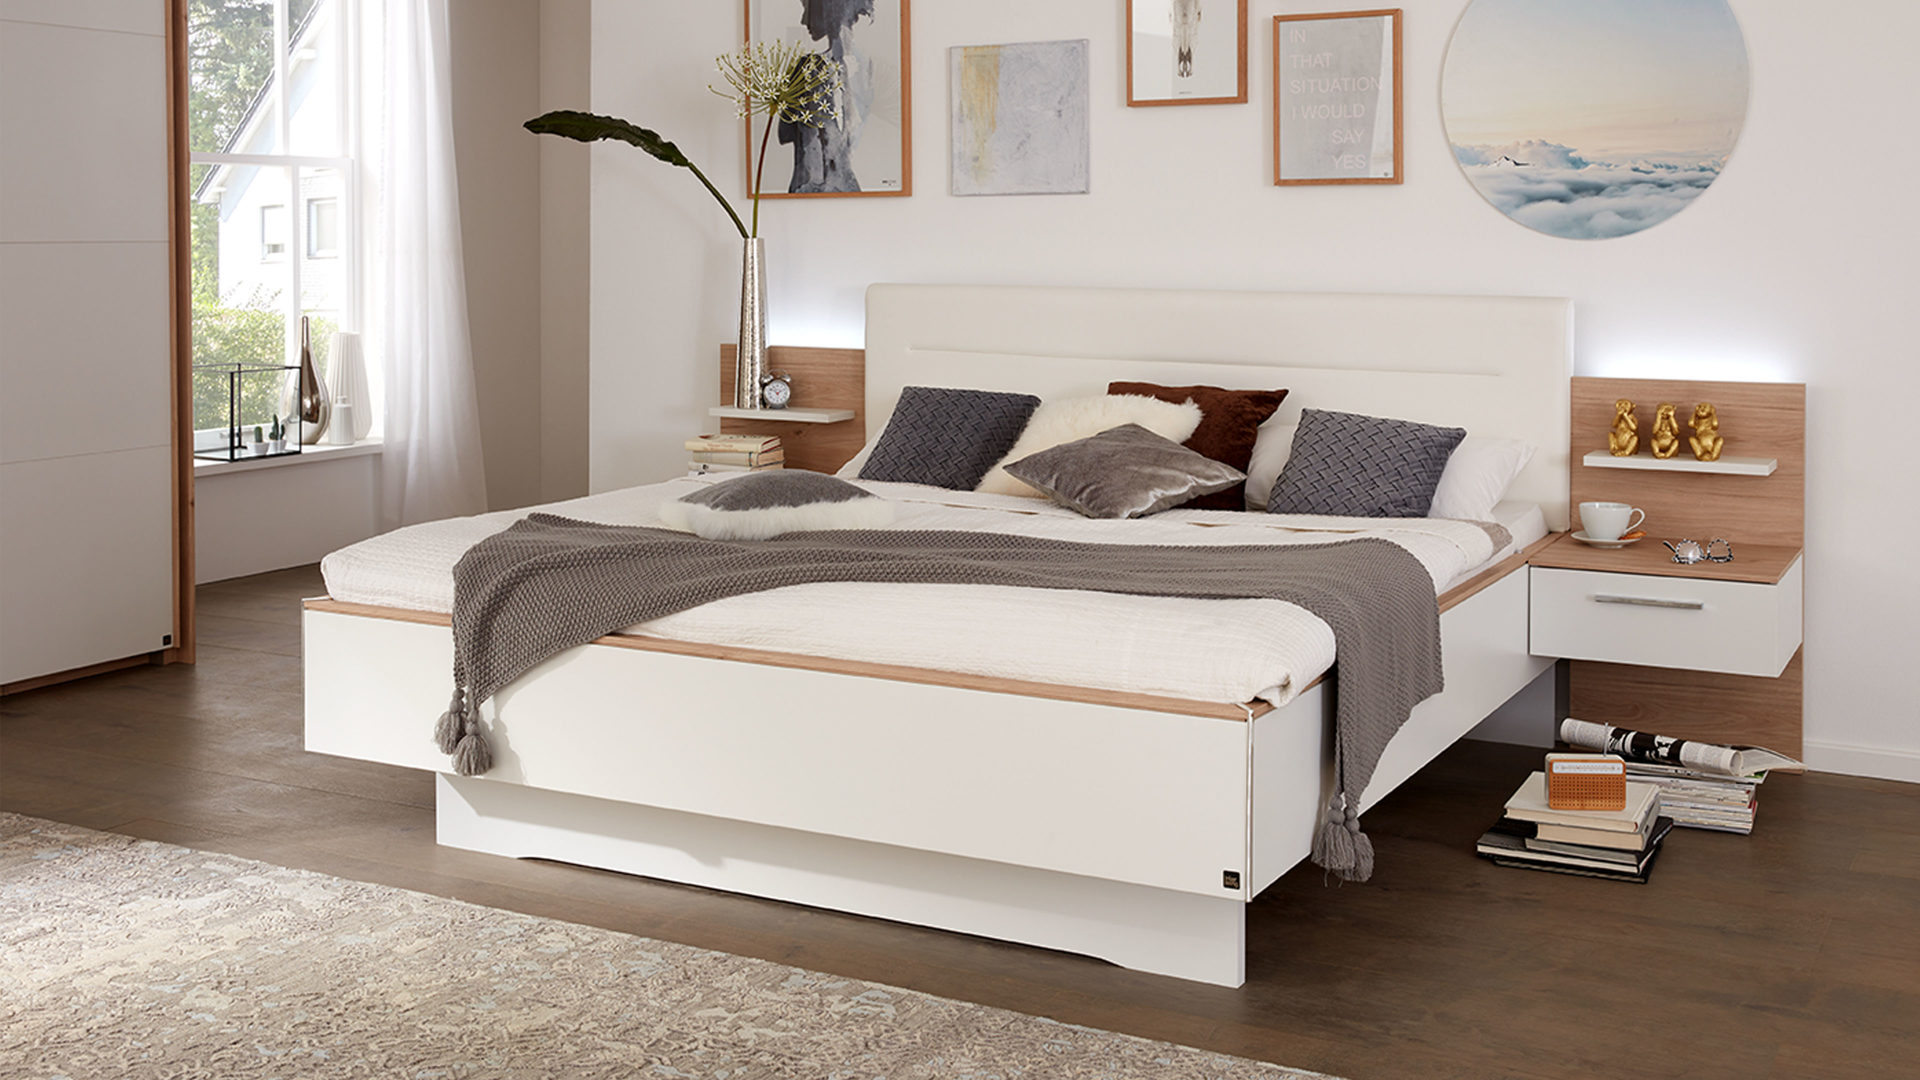 Interliving Schlafzimmer Serie 1011 – Doppelbettgestell mit Nachtkonsolen,  Jackson hickoryfarbene & weiße Kunststoffoberfläc